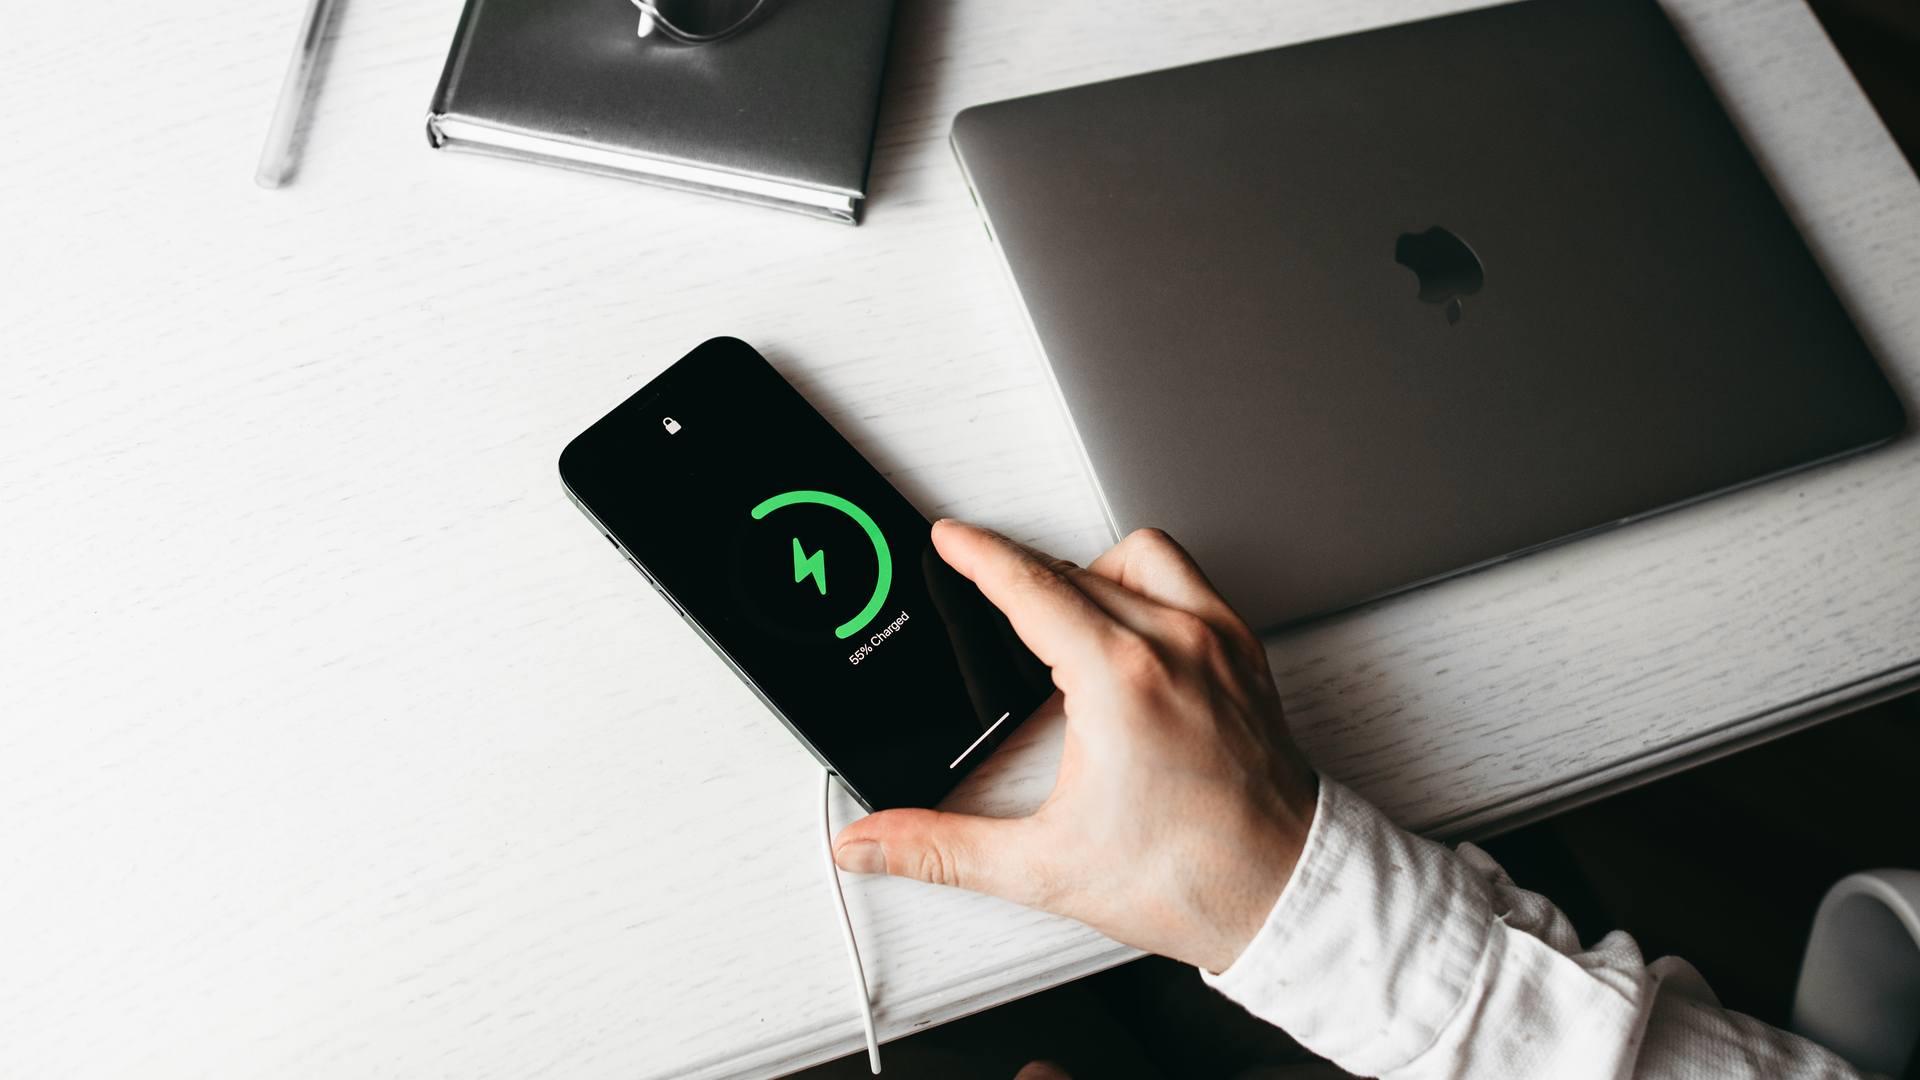 iPhone carregando em cima de uma mesa